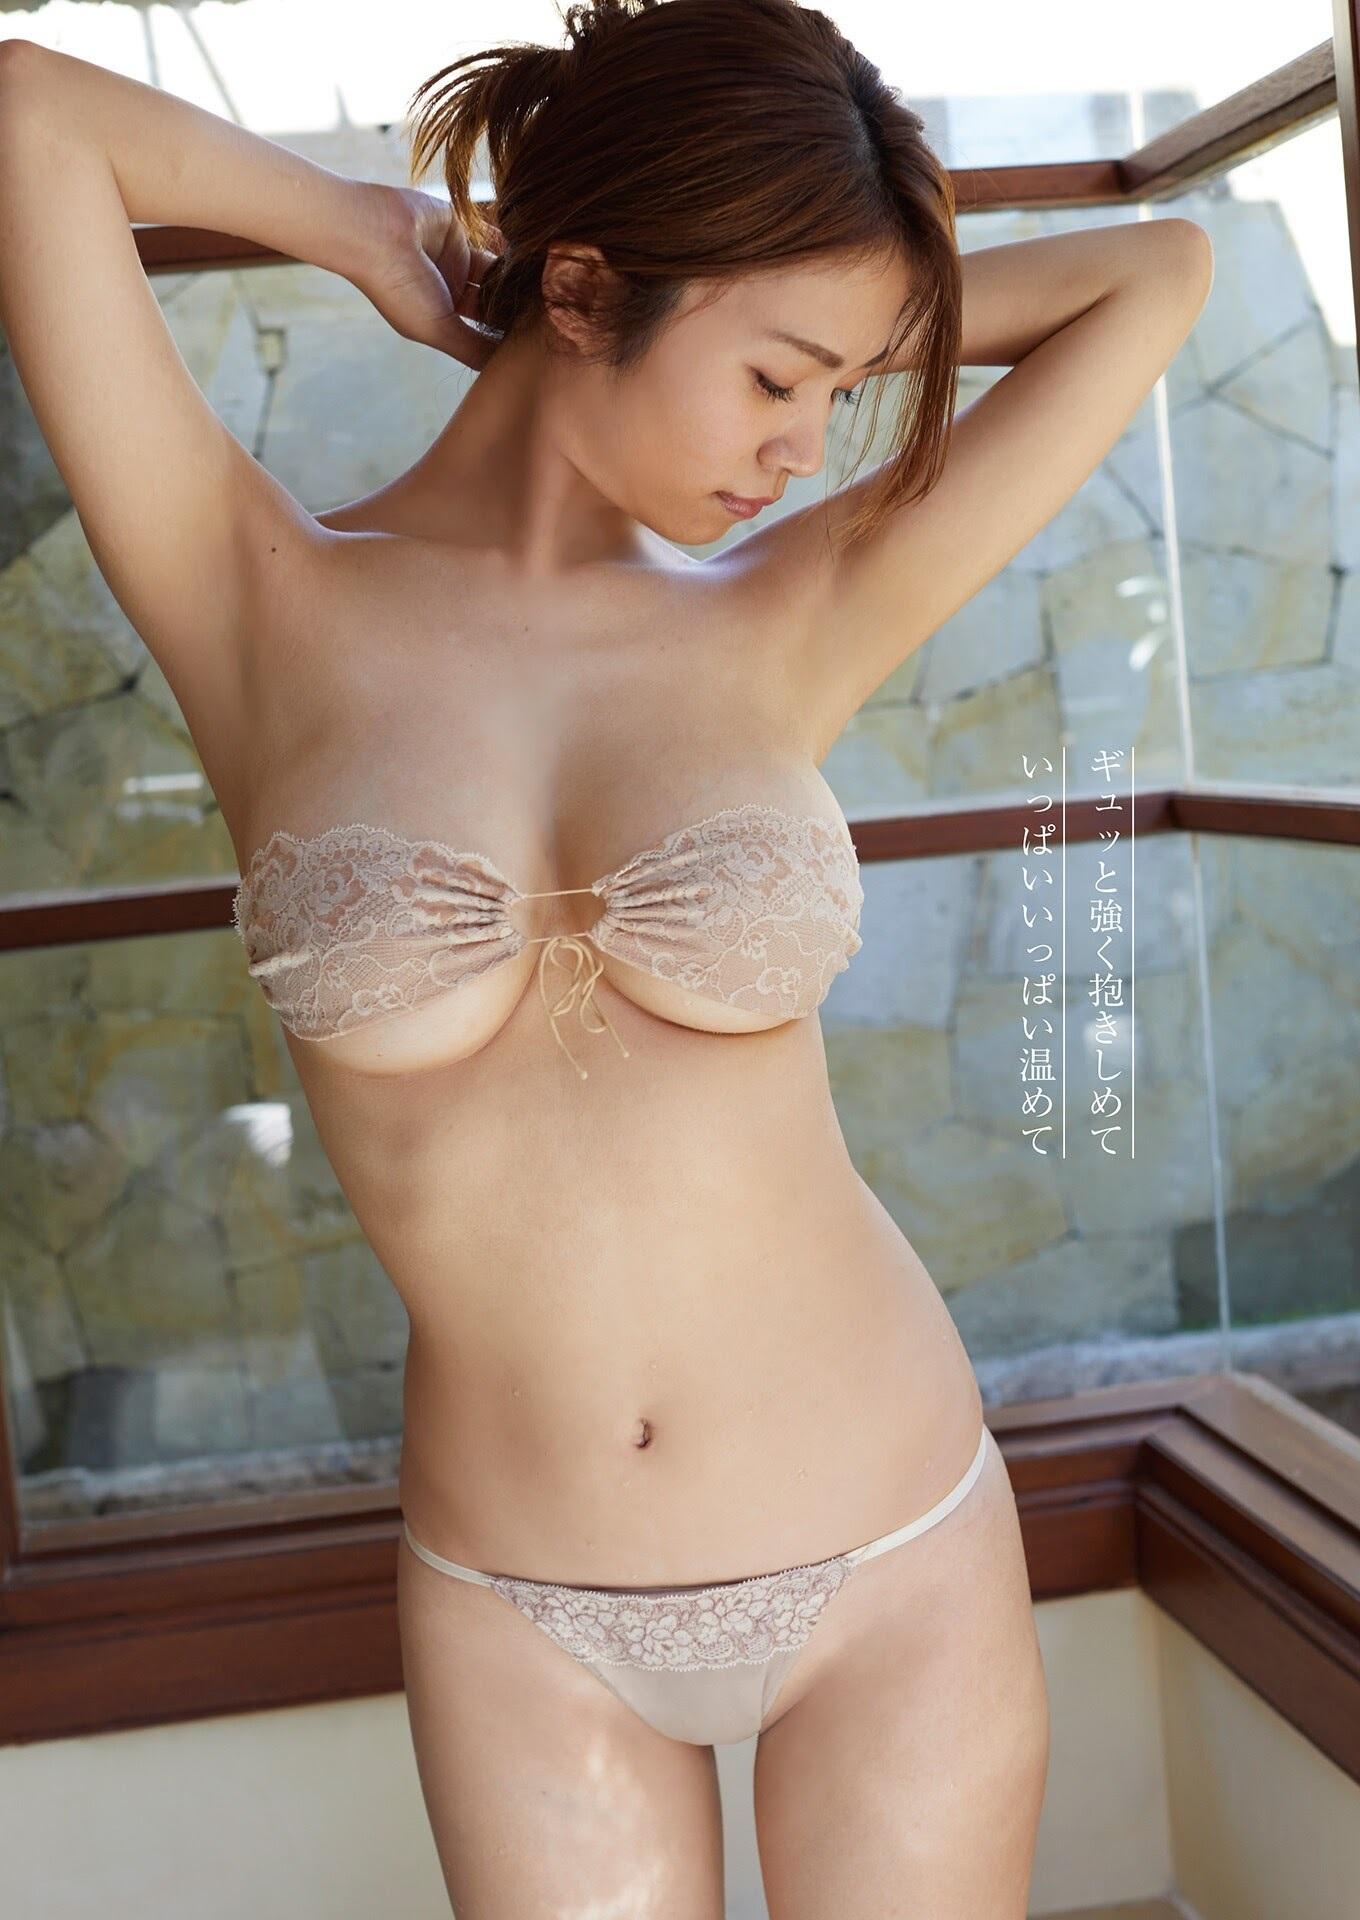 菜乃花77